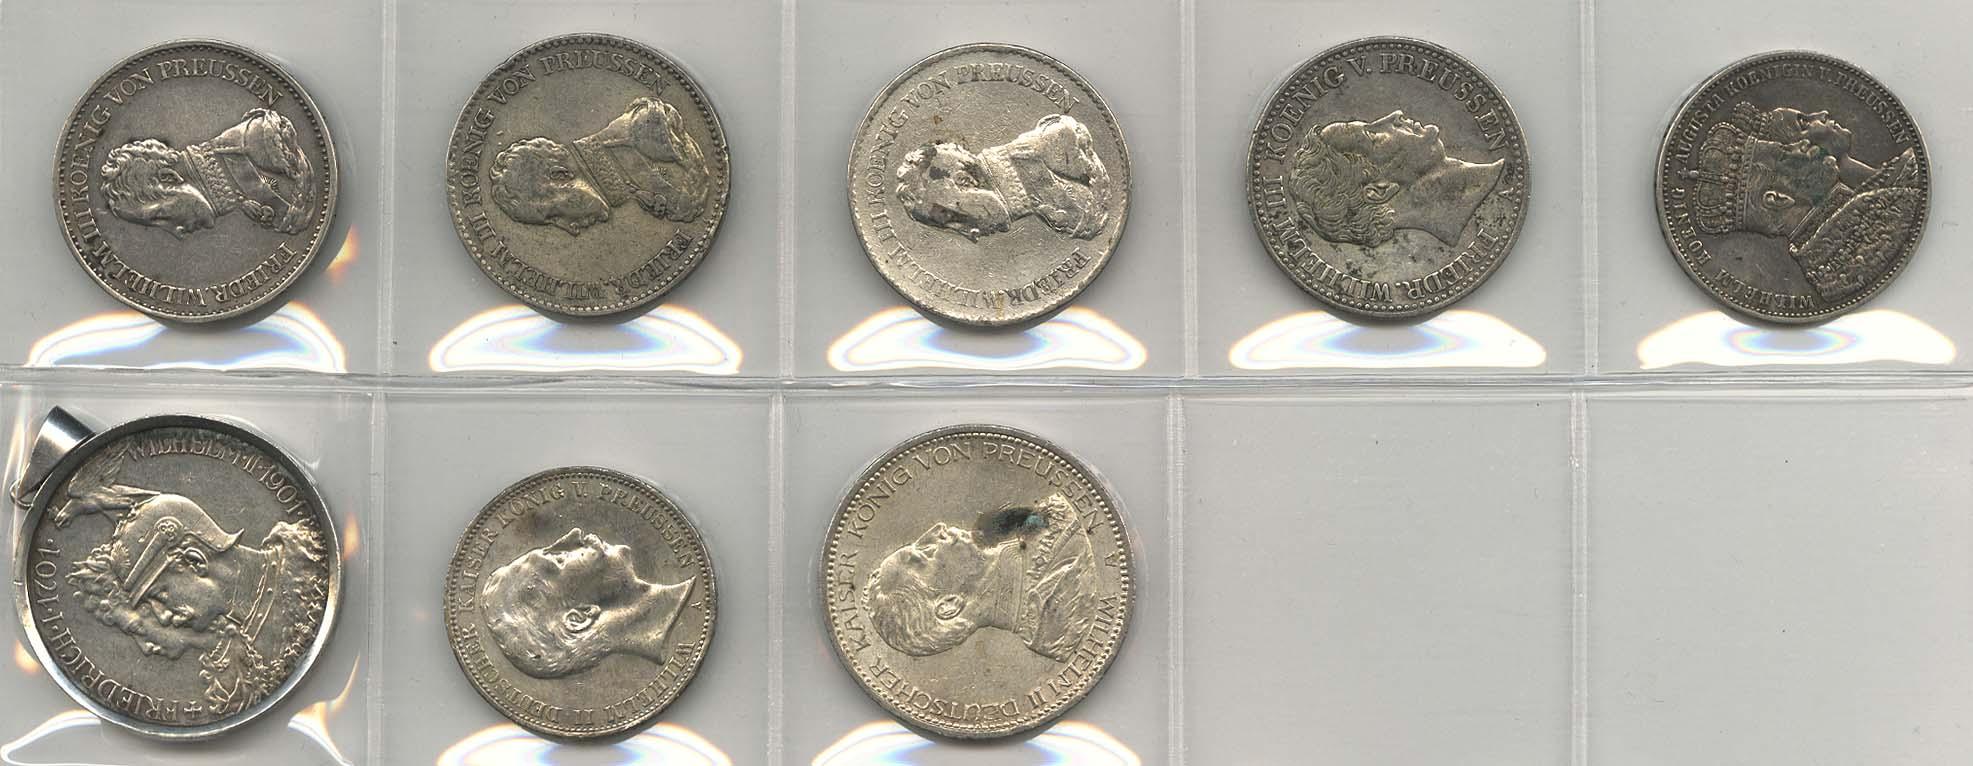 Lot 9150 - sammlungen Deutschland 1800-1871 -  Auktionshaus Ulrich Felzmann GmbH & Co. KG Coins single lots